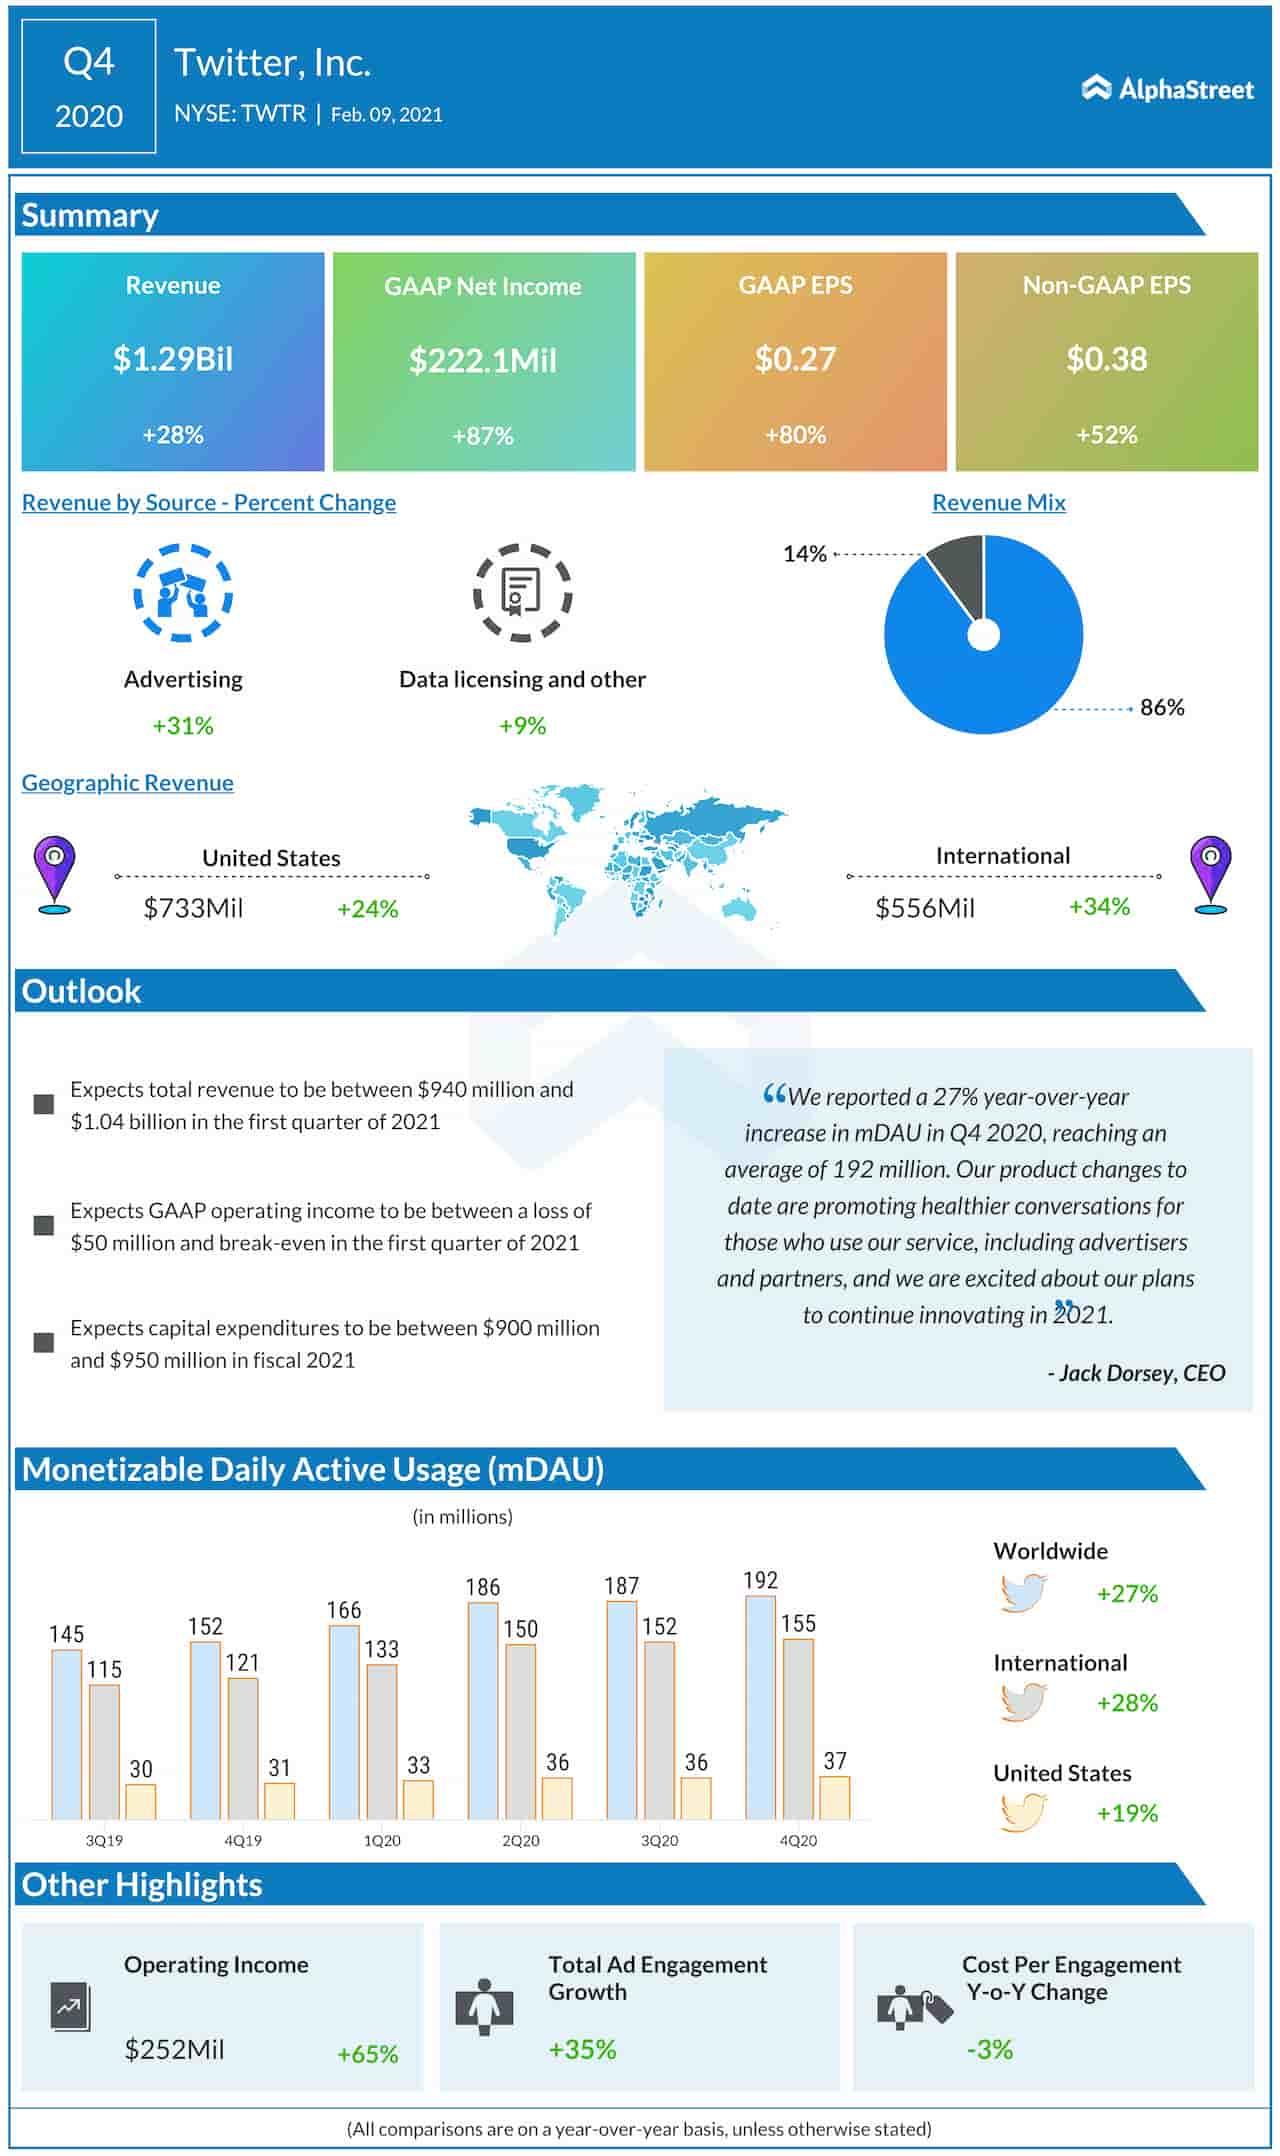 گزارش سه ماههی شرکت توییتر در سه ماههی پایانی سال ۲۰۲۰